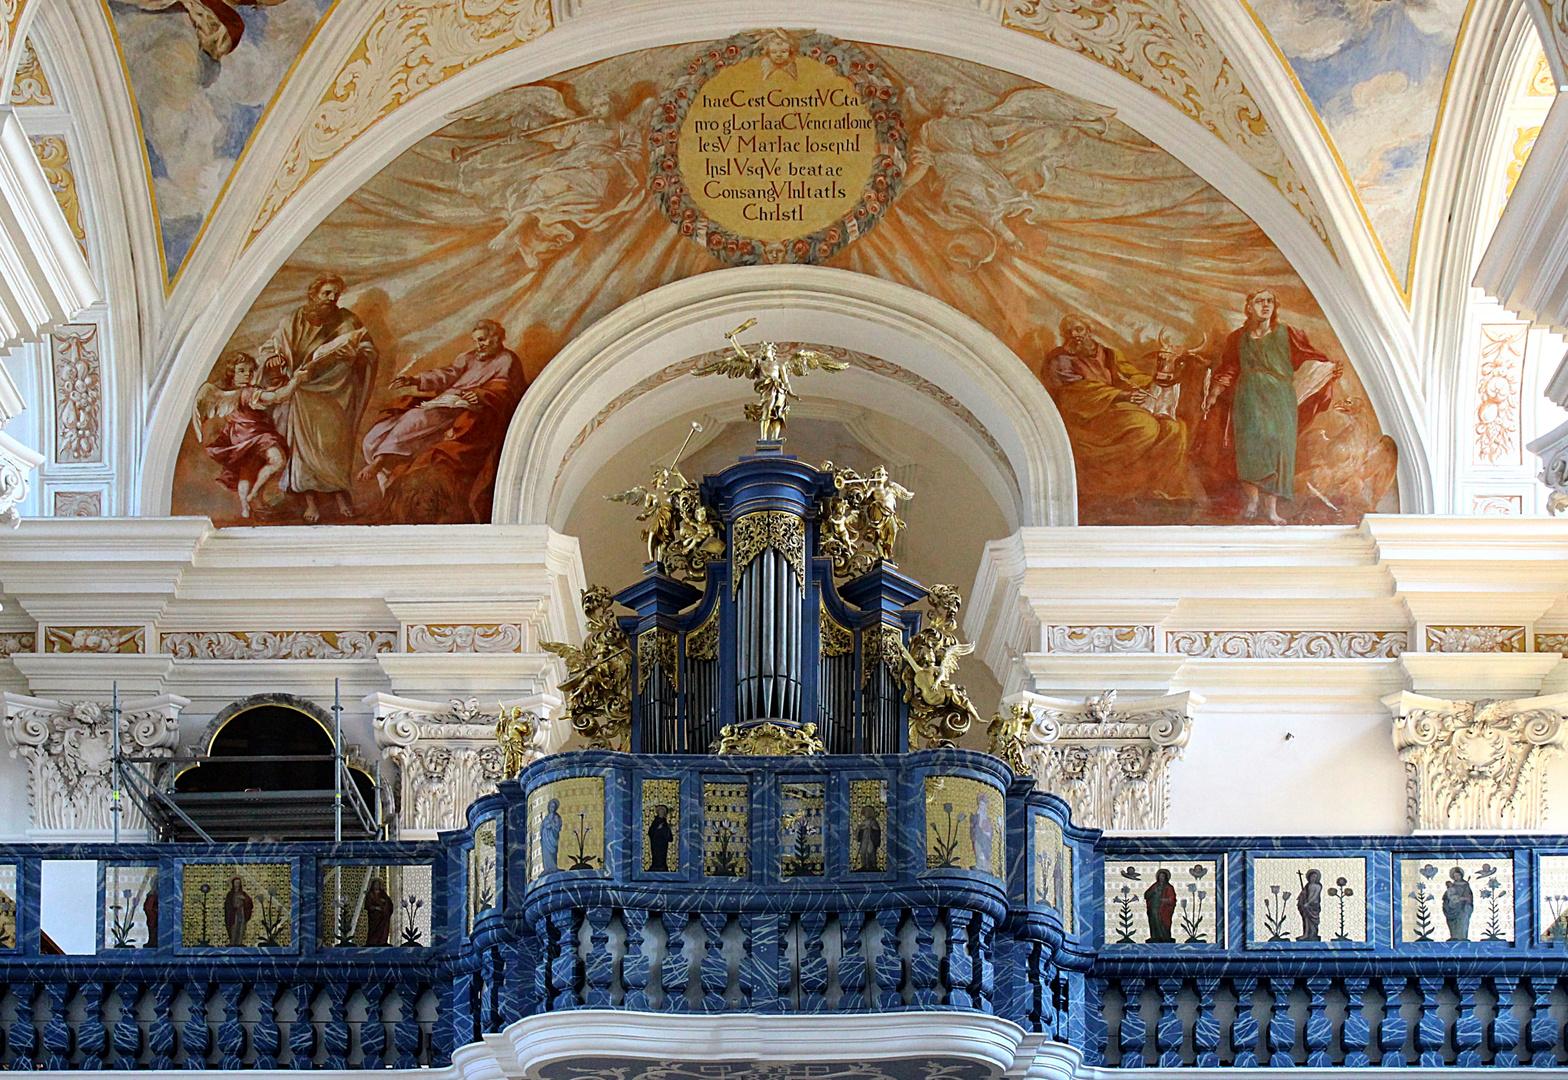 Orgel in der Kirche für die Solidarität des Hl. Joseph